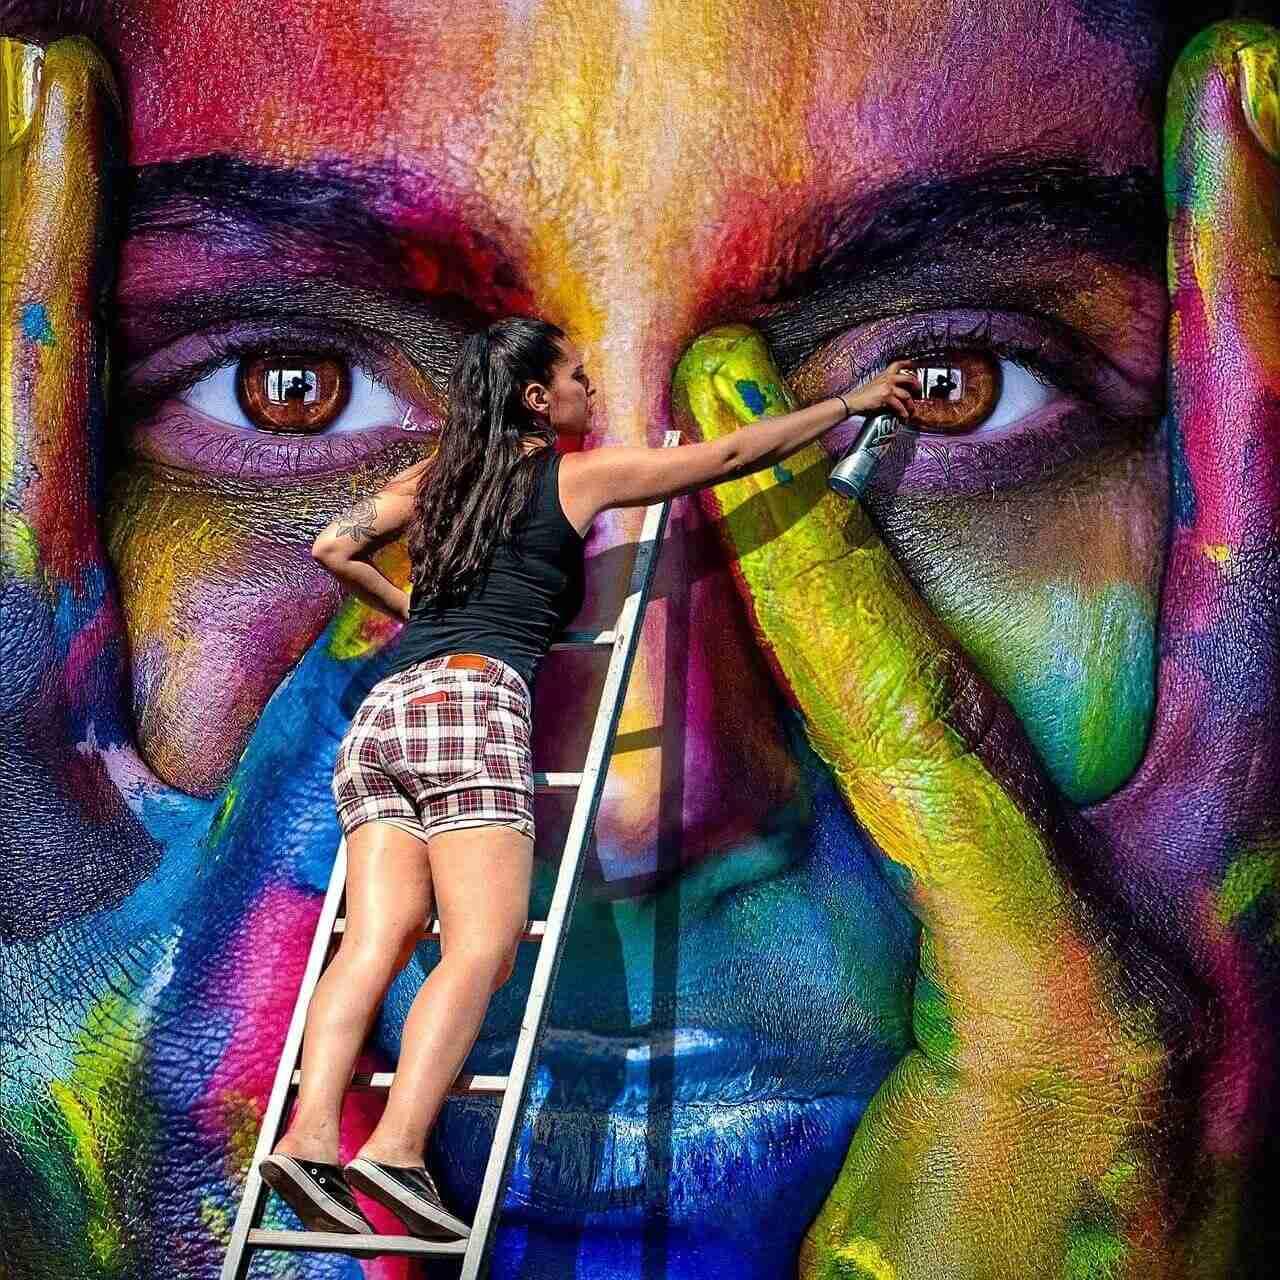 wall-art-2852191_1280-min-min